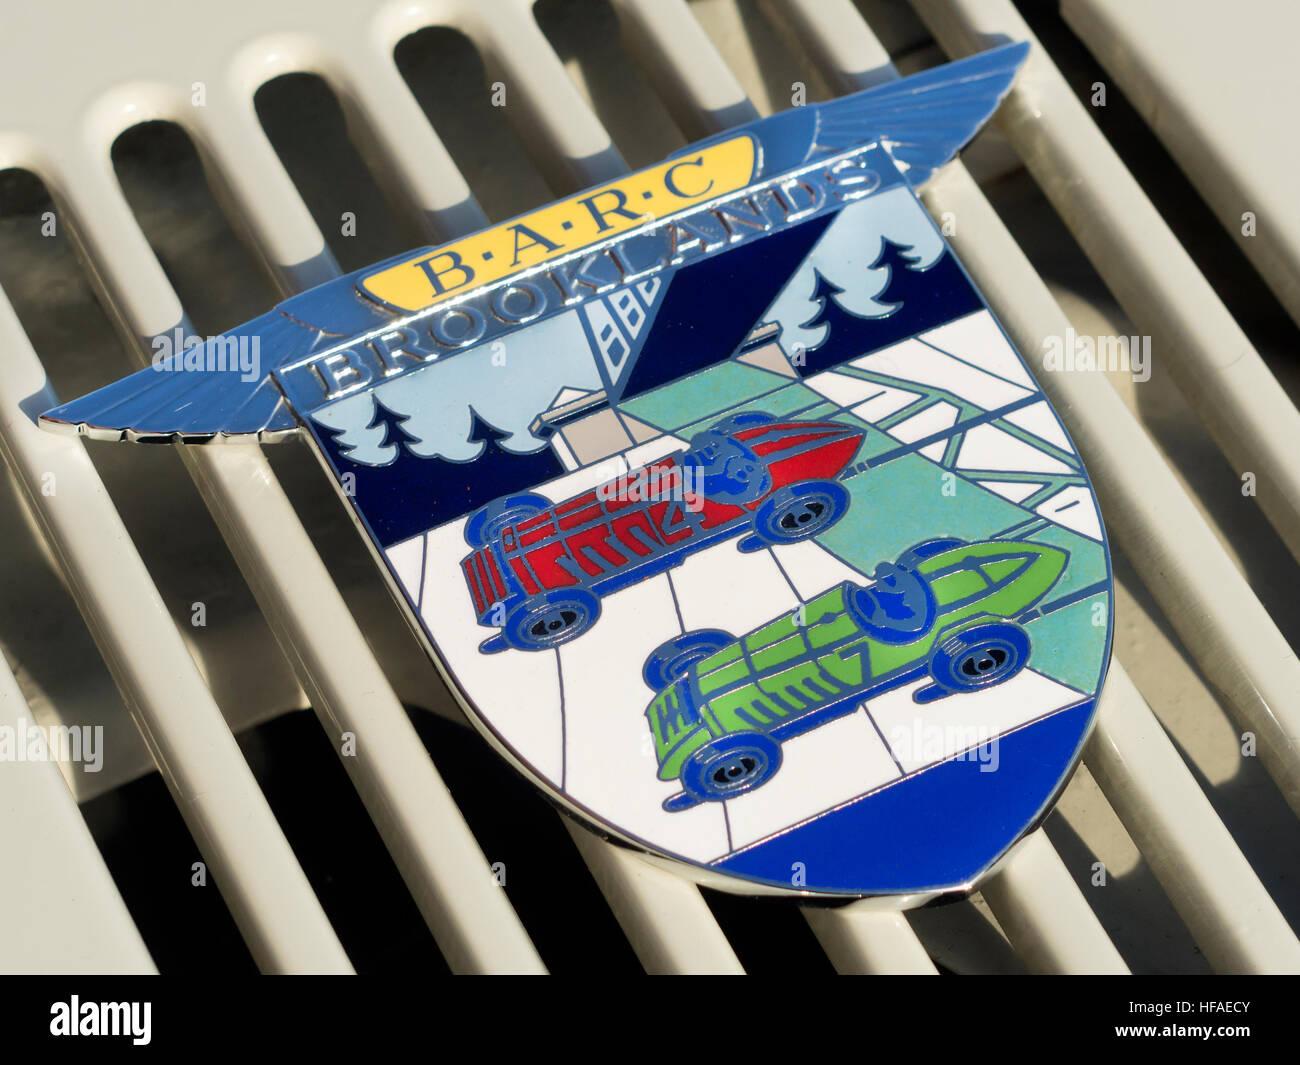 B.A.R.C. Brooklands Automobile Abzeichen. Stockbild